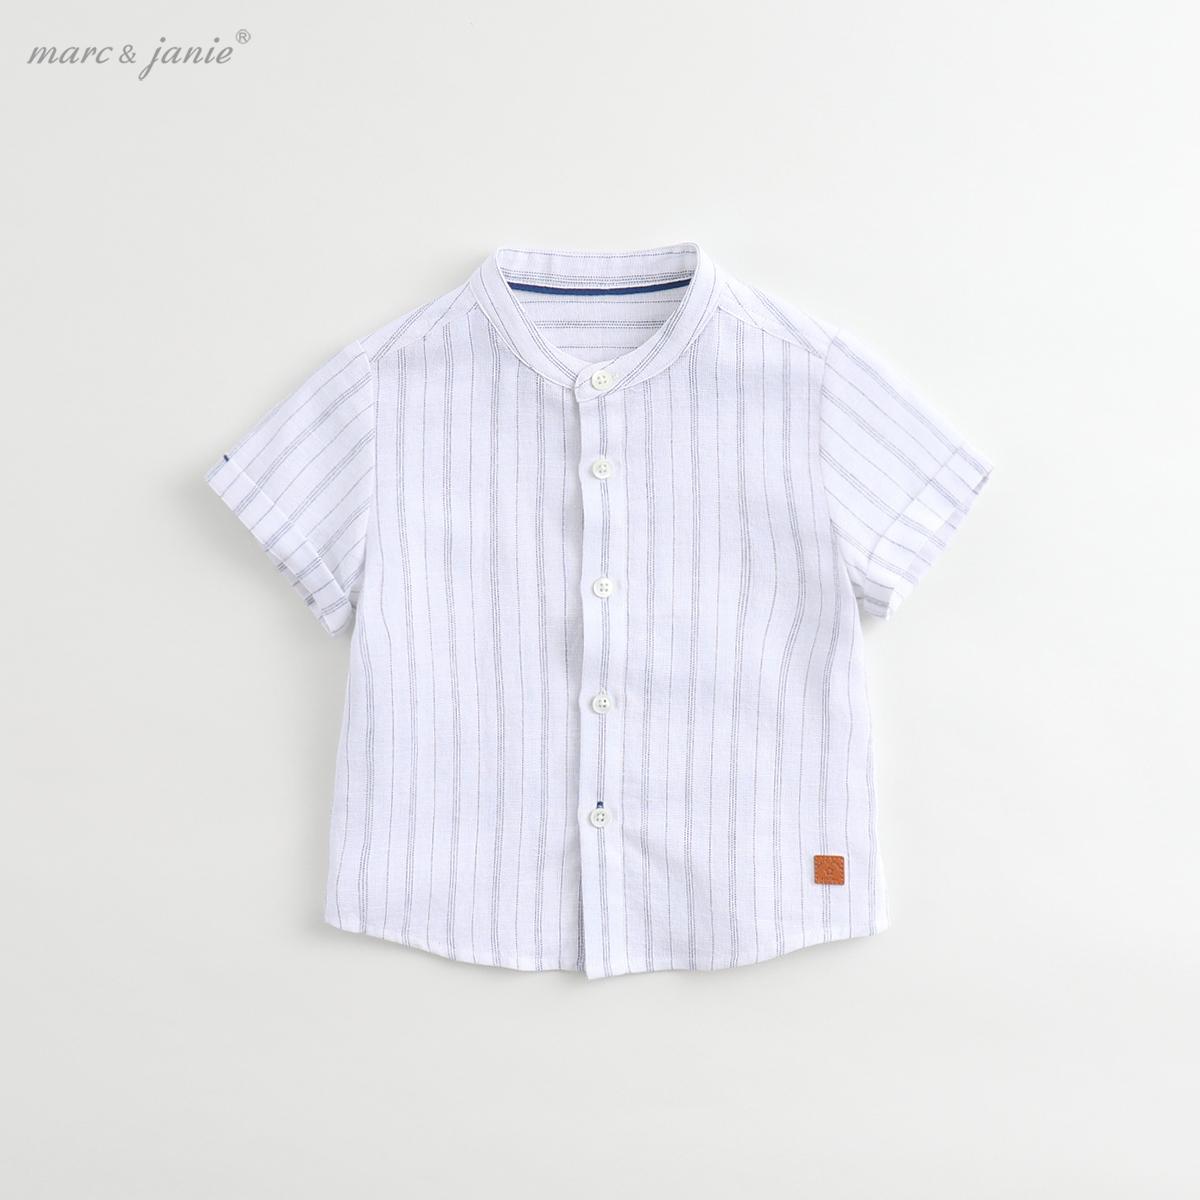 马克珍妮2019夏装男童时尚短袖衬衫 宝宝上衣衬衣70012,降价幅度40.4%